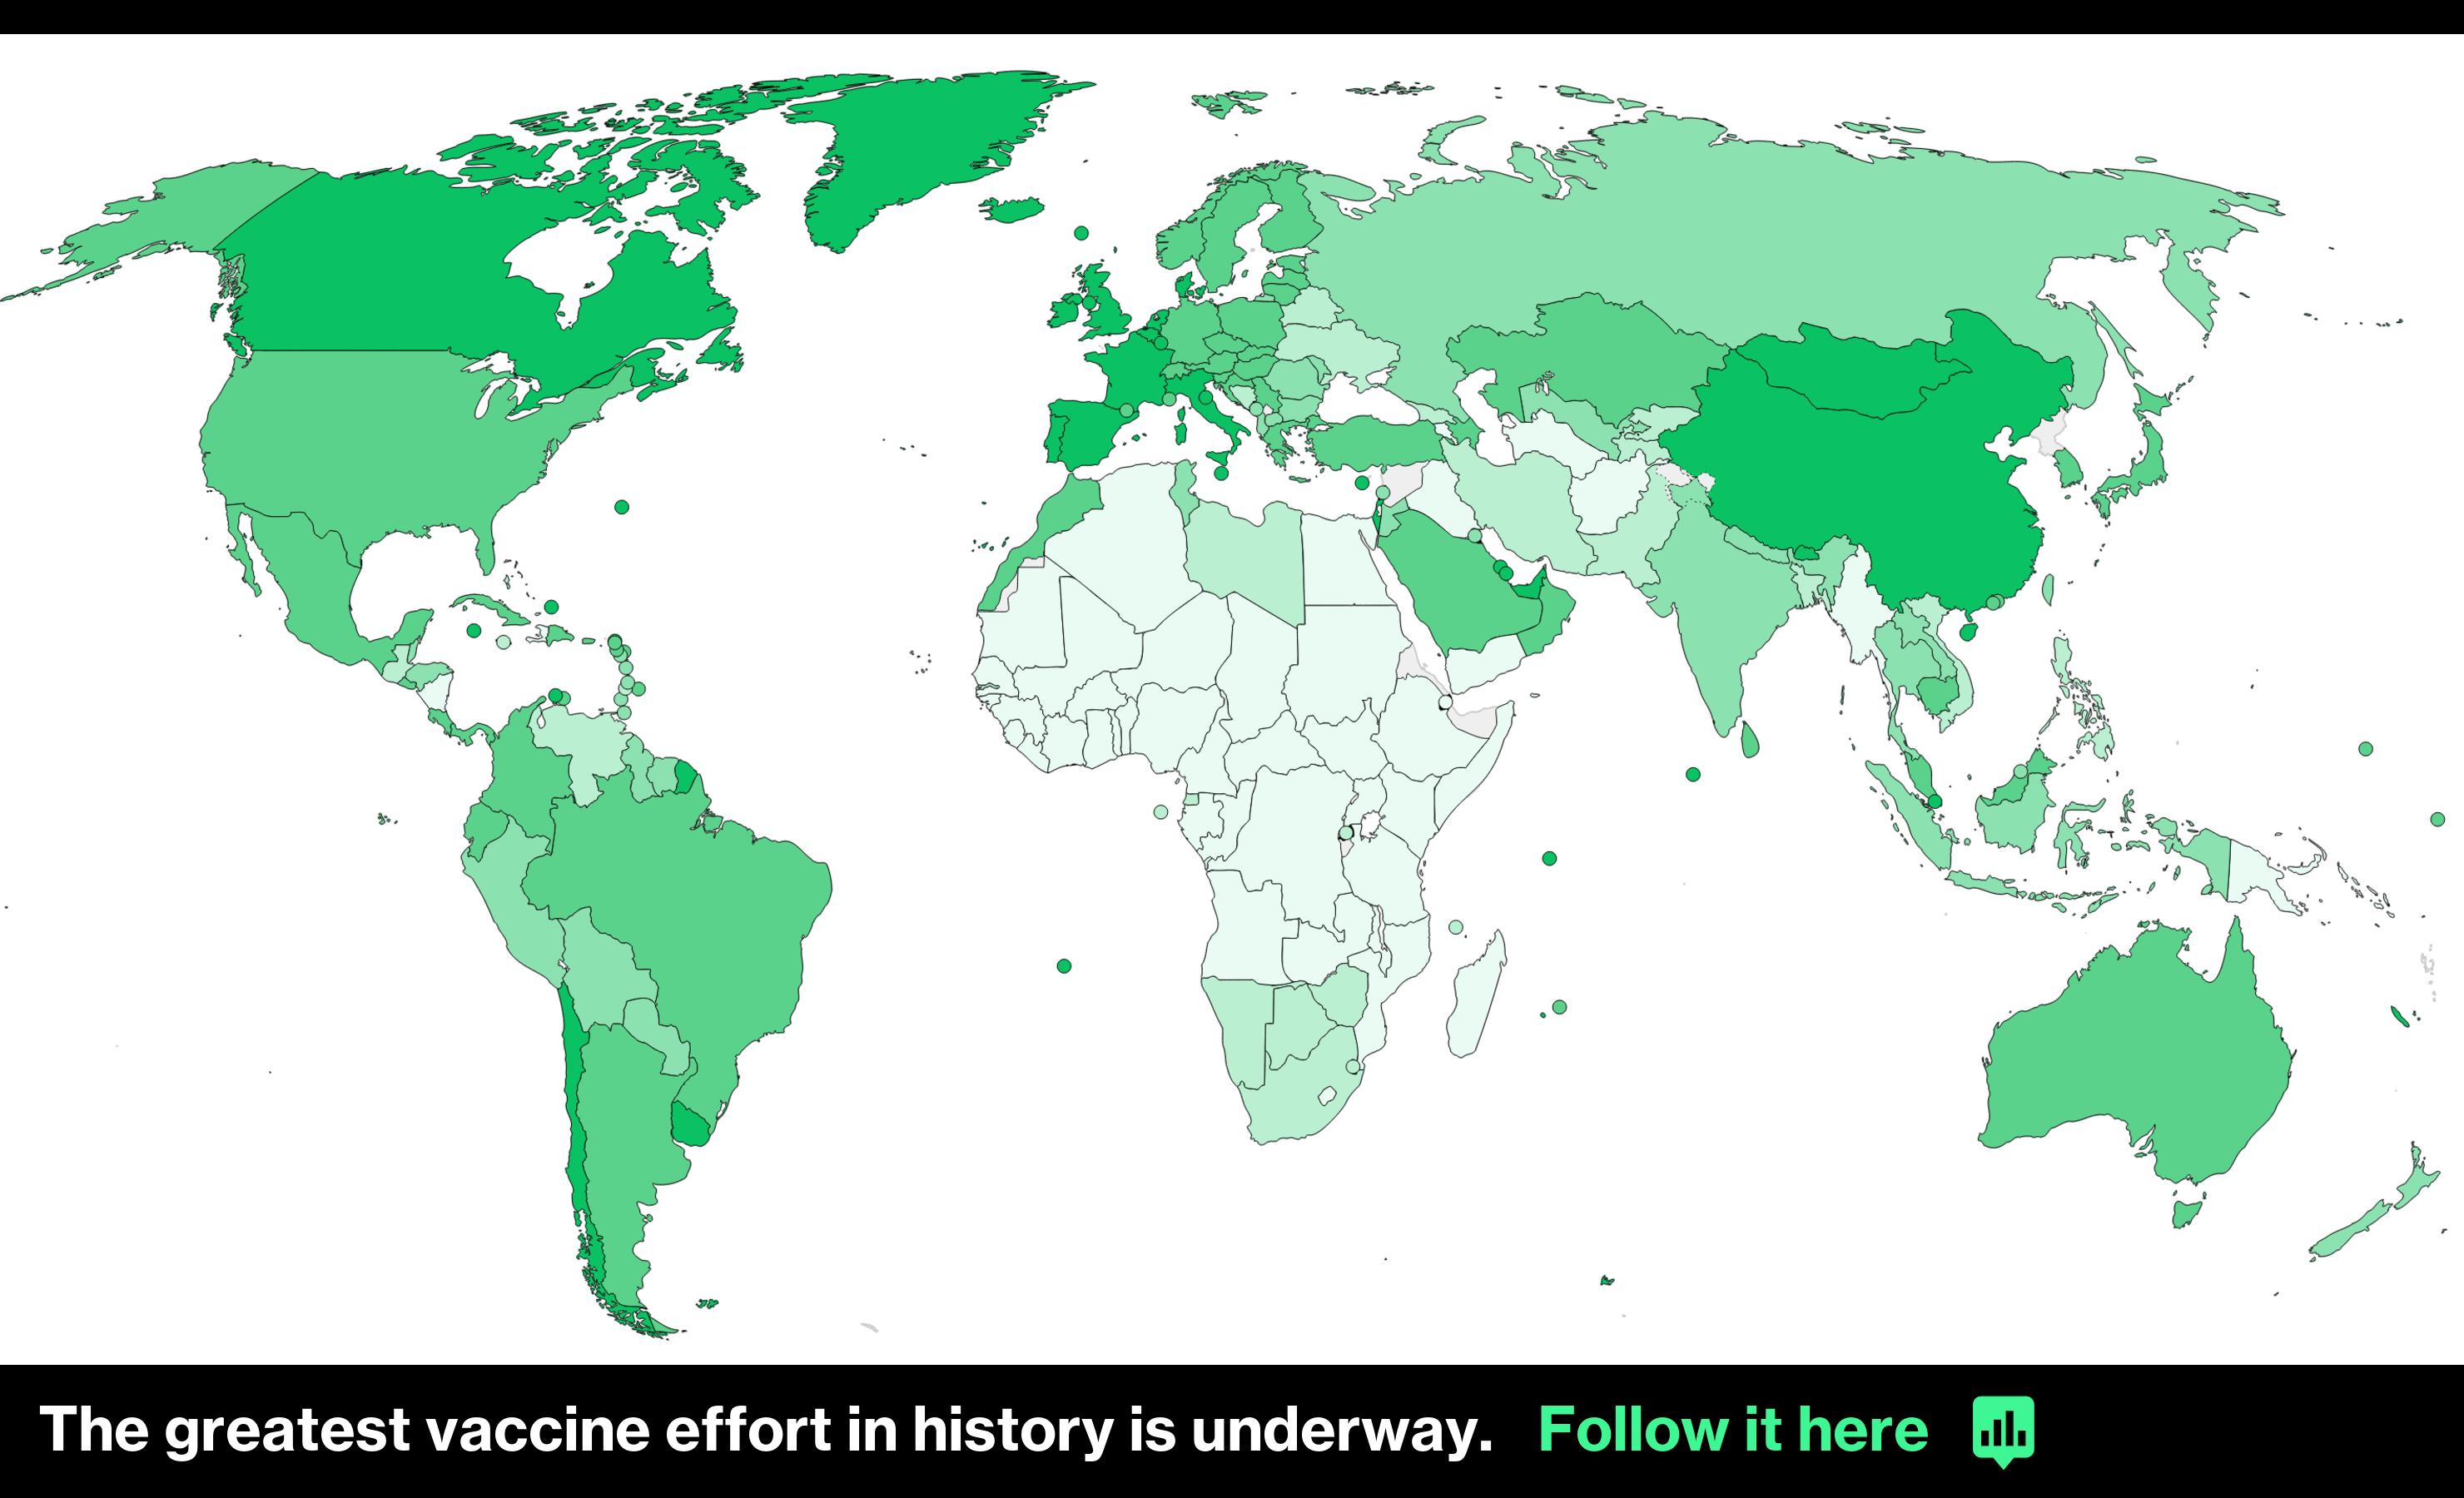 relates to コロナ禍の出口、あと半年見えずか-変異株とワクチンいたちごっこ